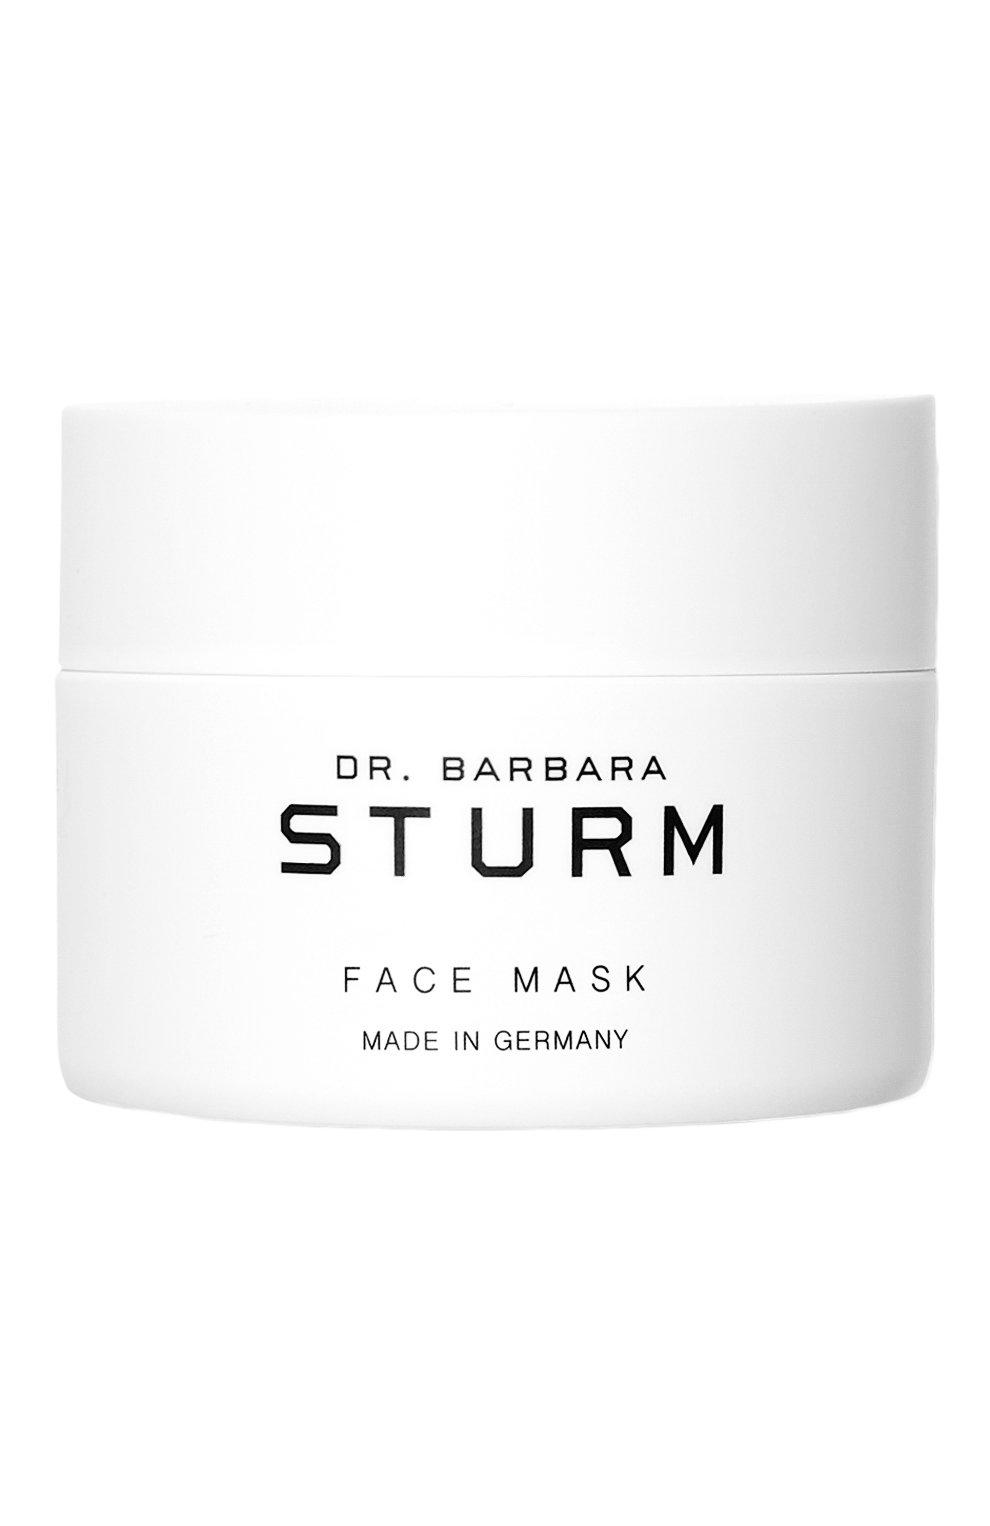 Женская разглаживающая и увлажняющая маска для лица с успокаивающим эффектом DR. BARBARA STURM бесцветного цвета, арт. 4015165318873 | Фото 1